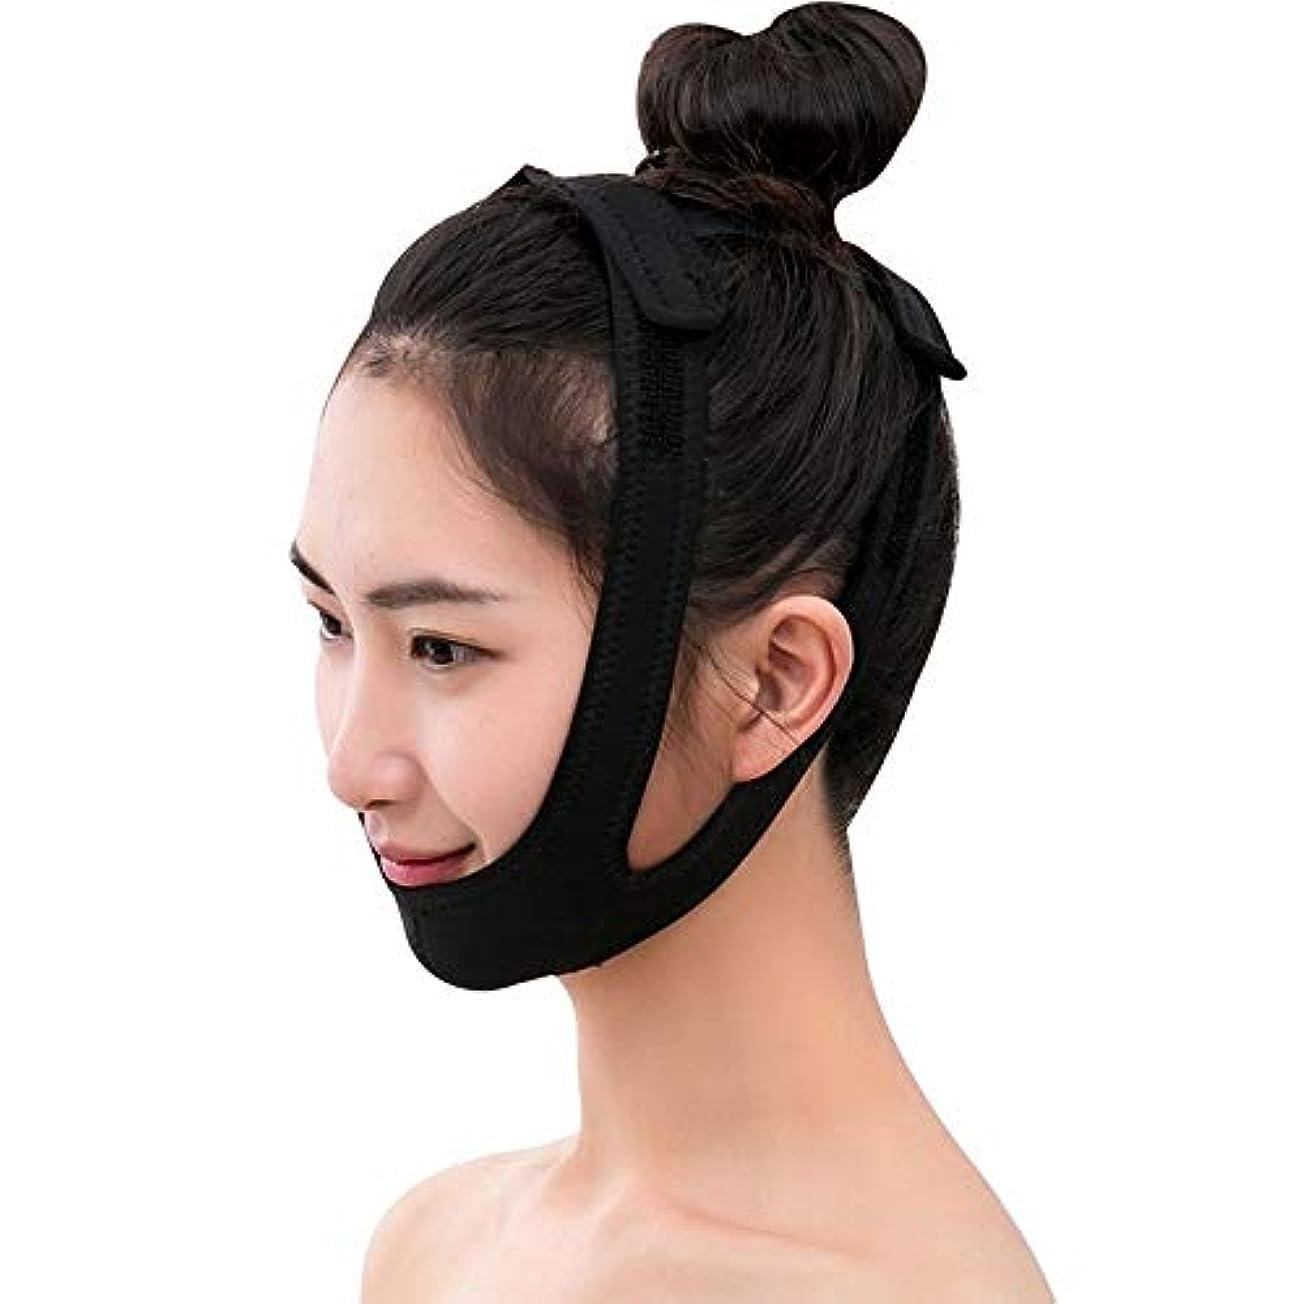 リフレッシュ十代ロイヤリティJia Jia- 強力なフェイスリフトアーチファクト術後回復ライン彫刻フェイシャルリフト睡眠リフティングフェイス引き締めVフェイス包帯 - 黒 顔面包帯